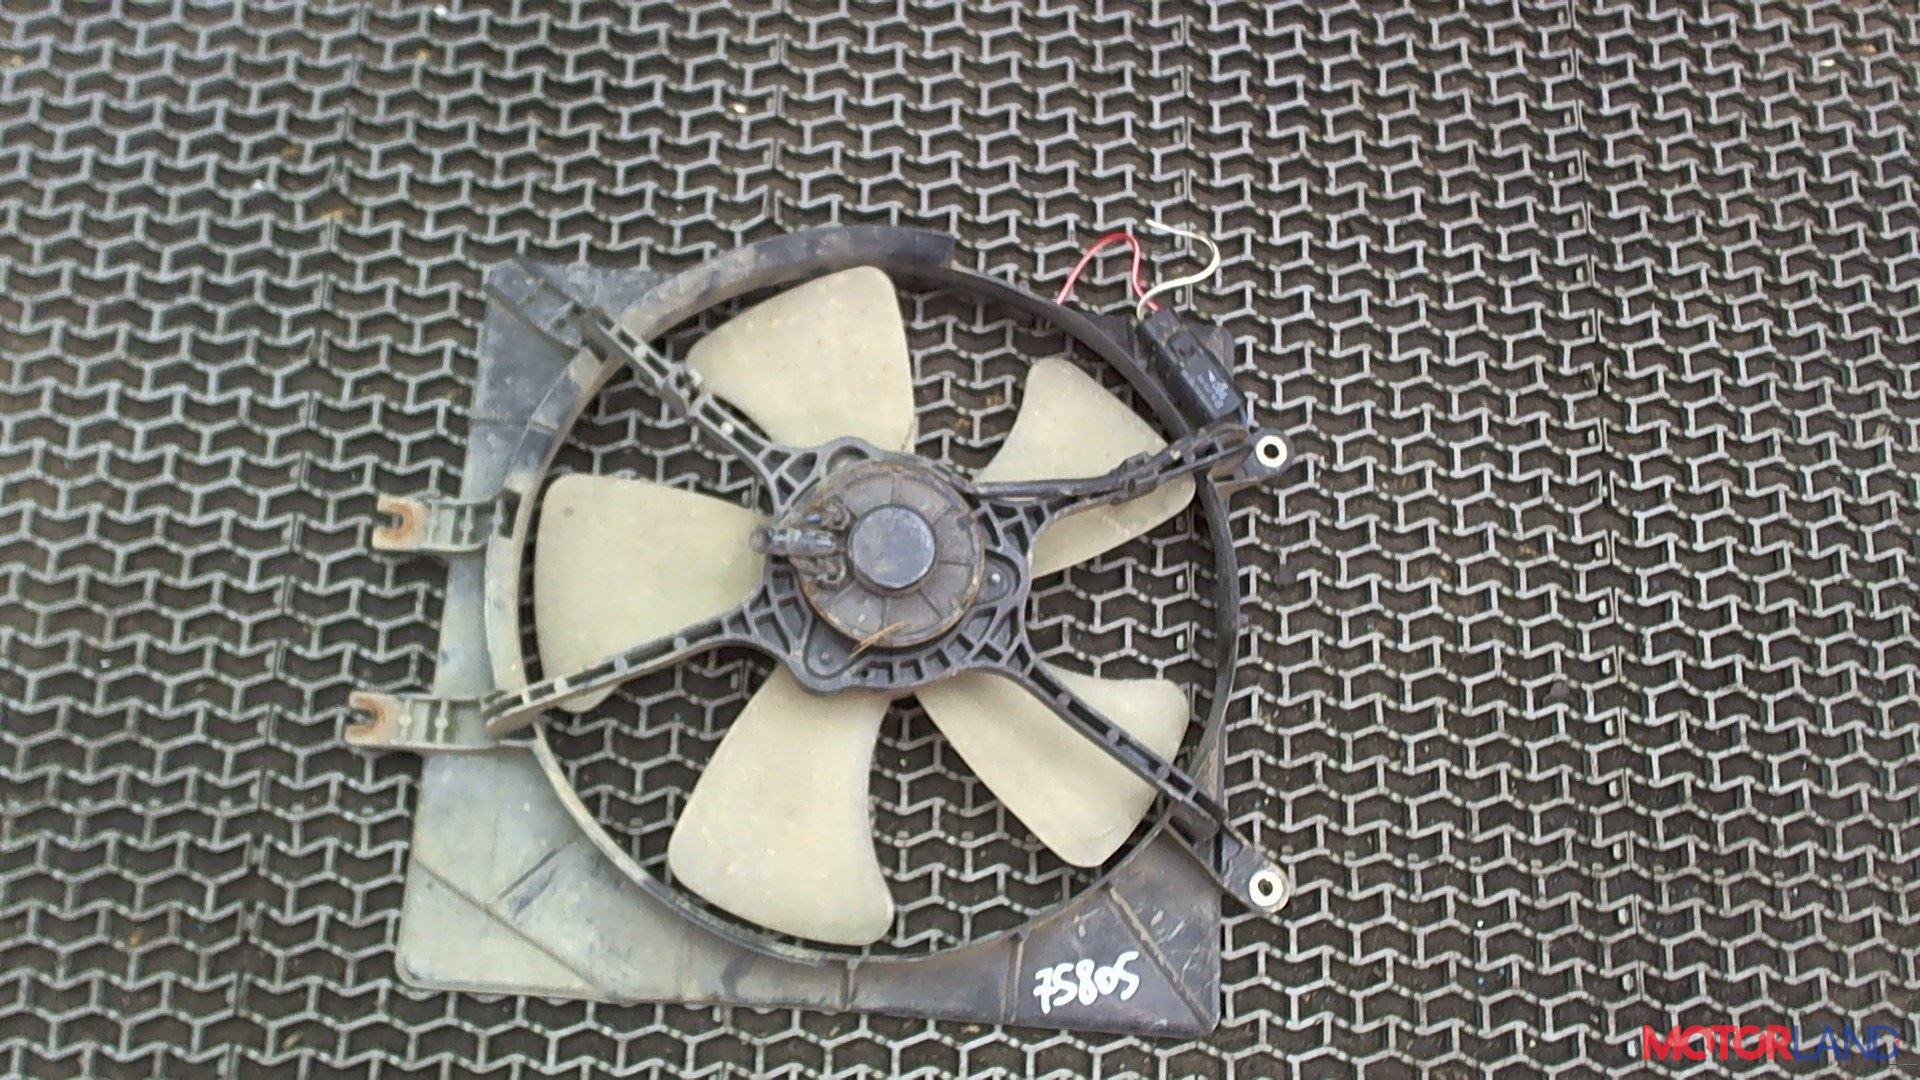 Вентилятор радиатора Daihatsu Move 1994-1999, Артикул 5428094 #1